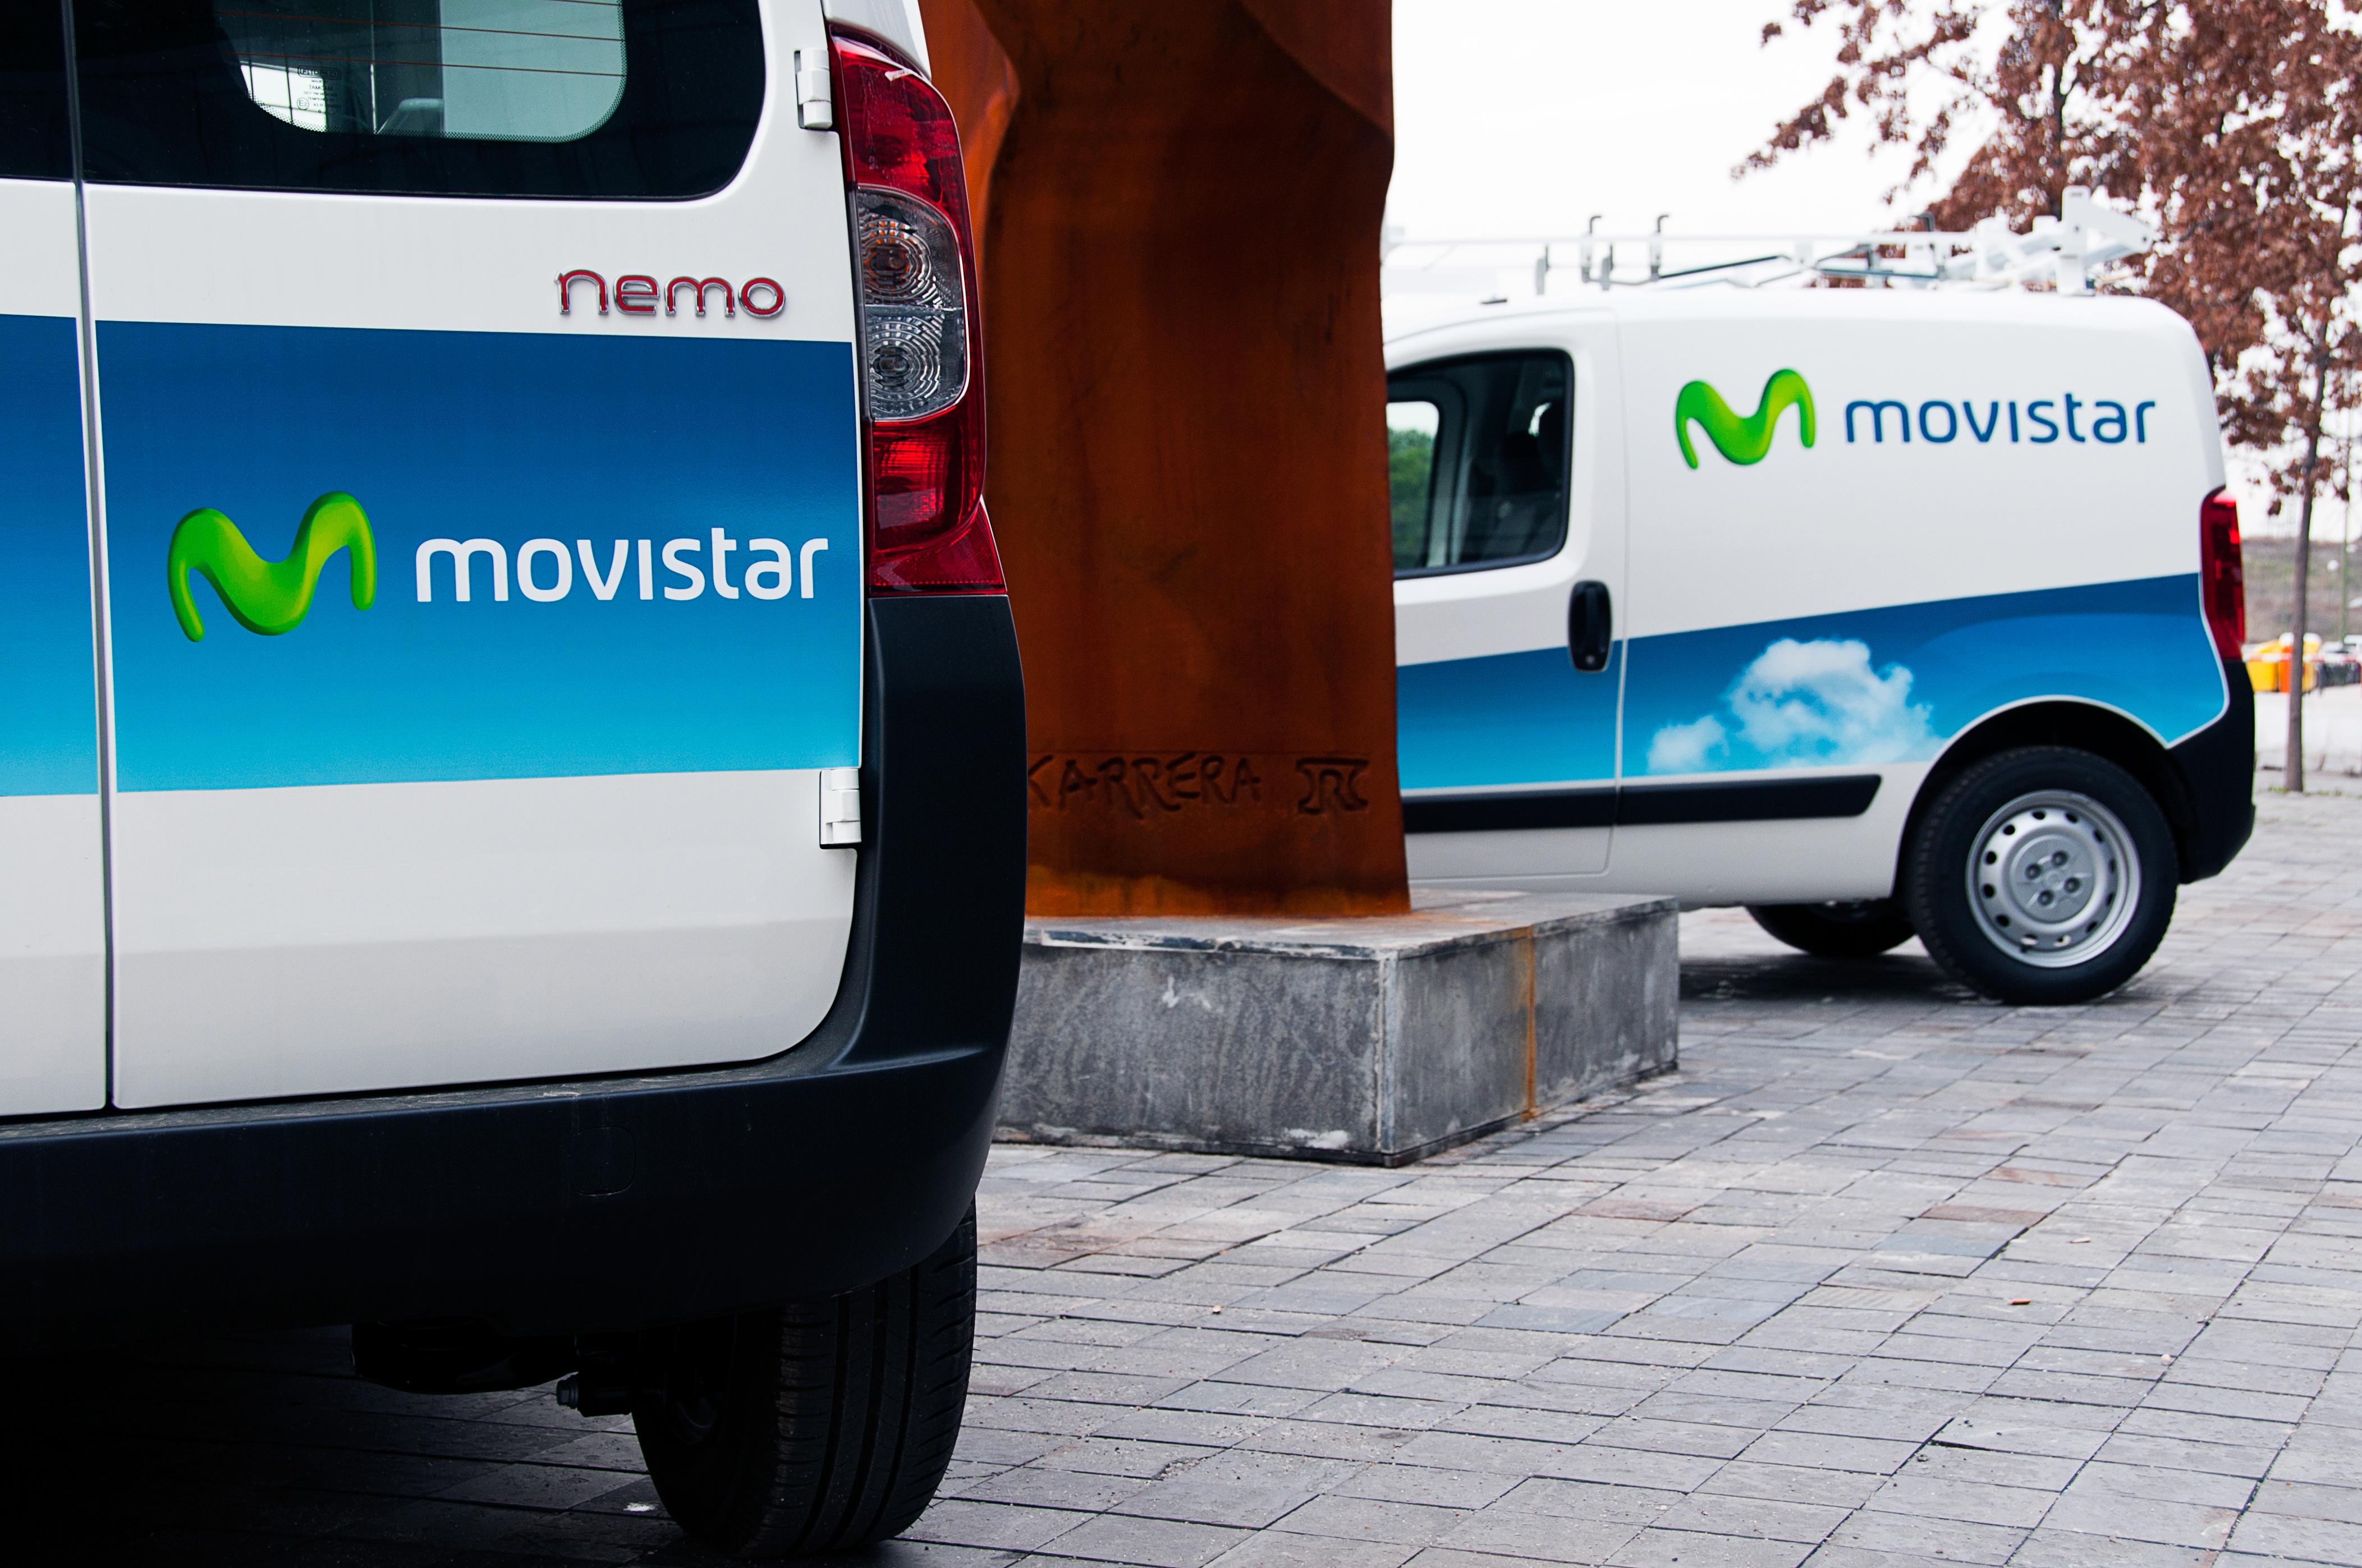 Estos son los argumentos de Movistar para cobrar interconexión a Netflix, como ya hace Comcast